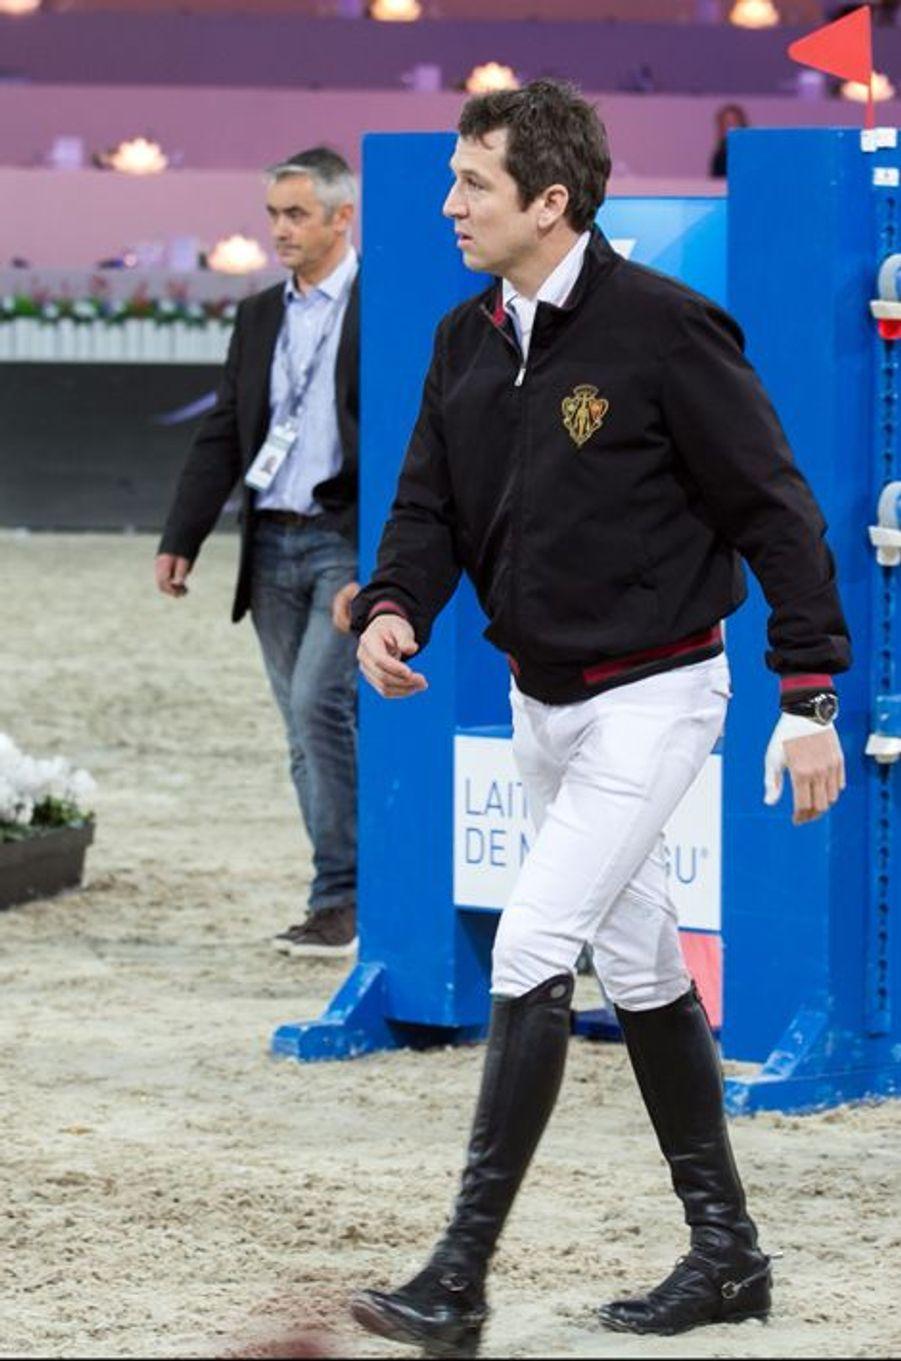 Guillaume Canet au Longines Masters de Paris (du 3 au 6 décembre 2015 à Villepinte).